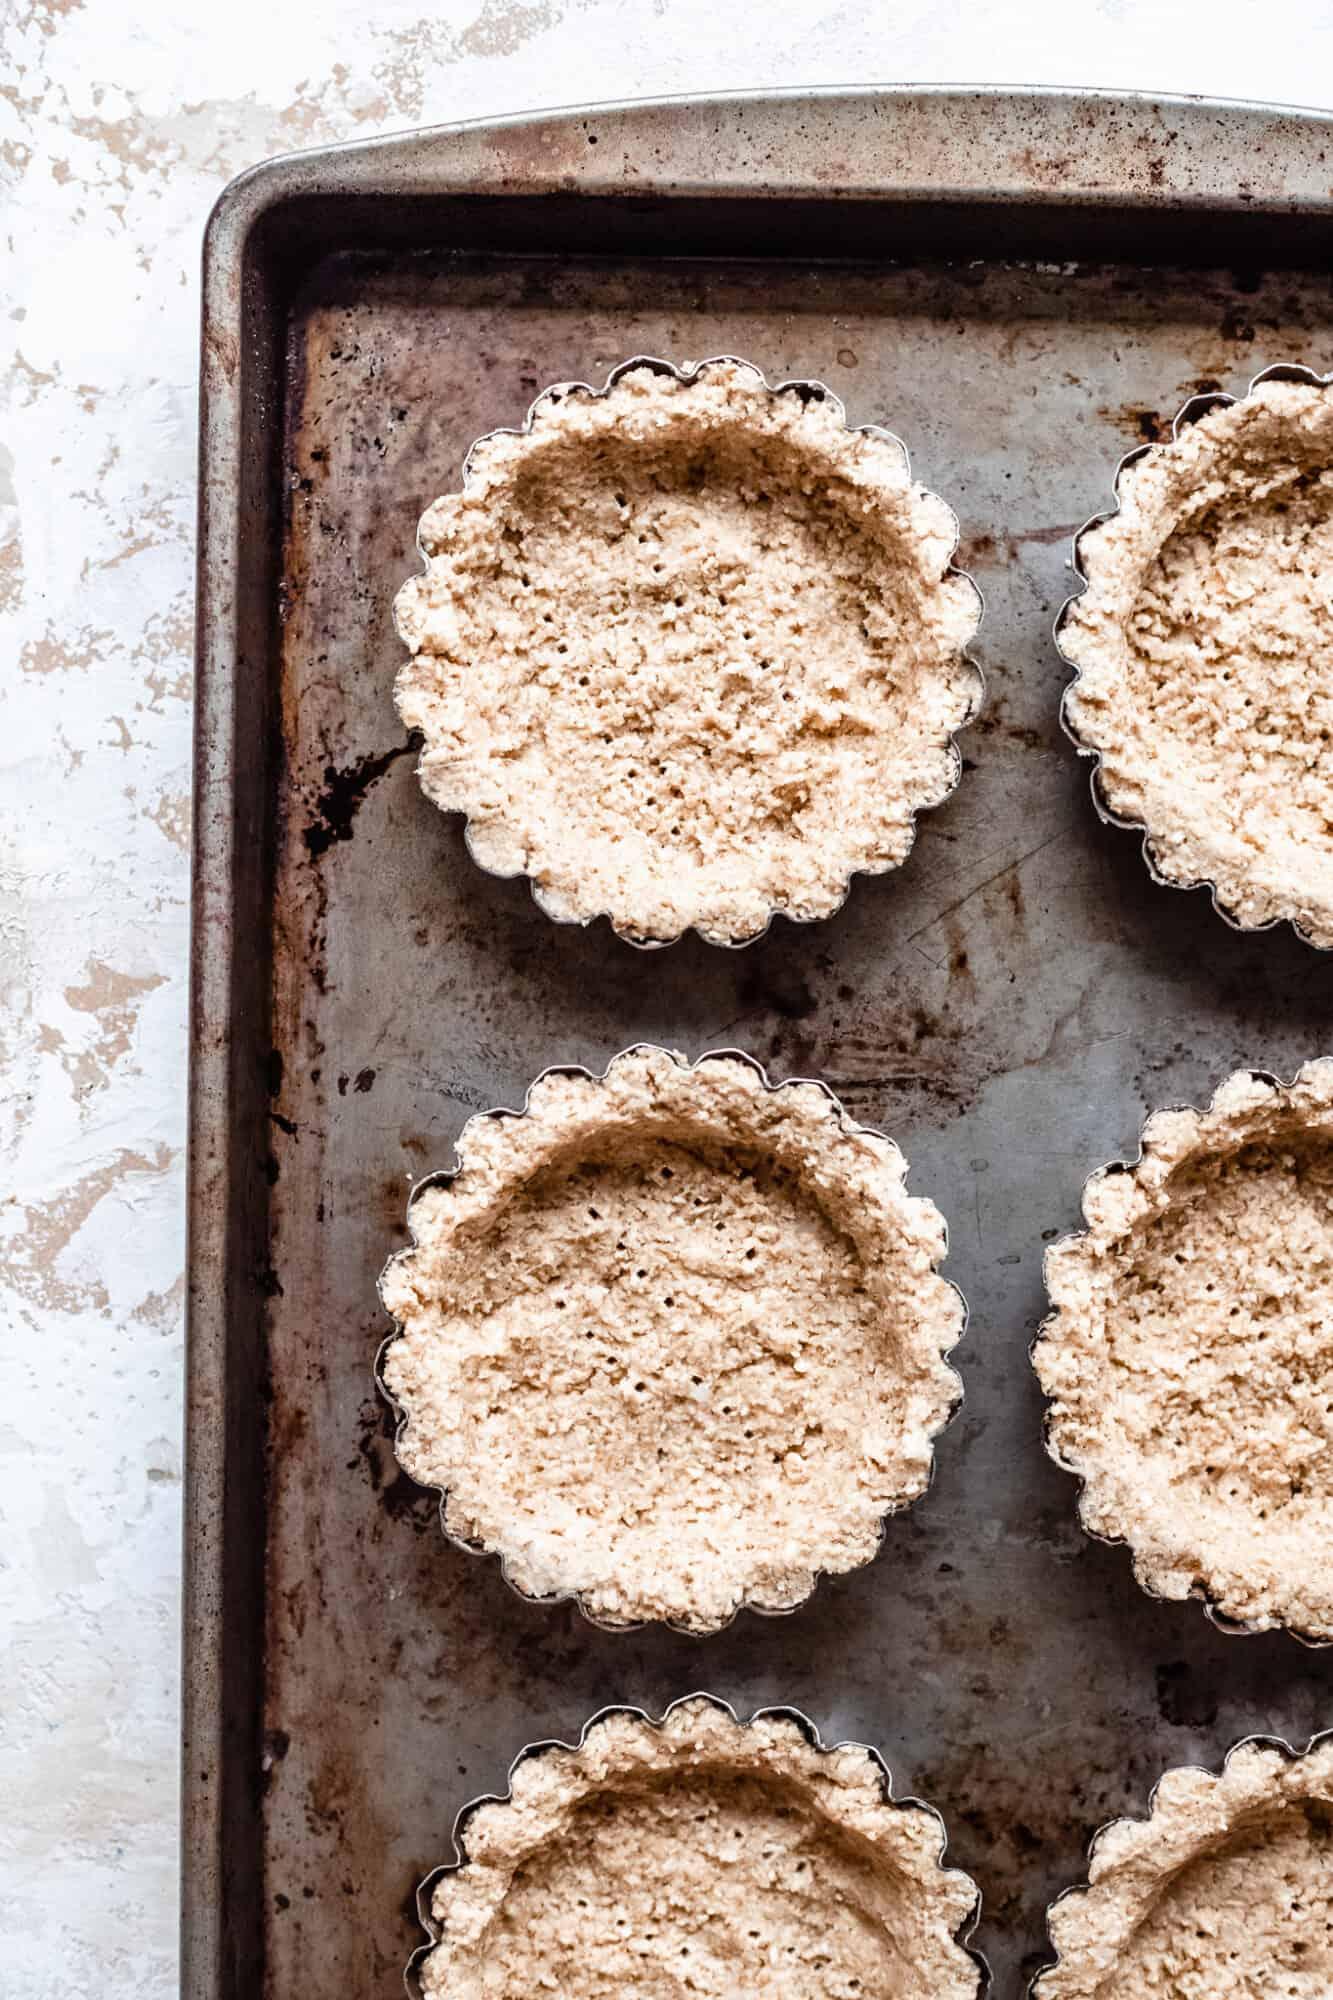 raw oat crust tartlets